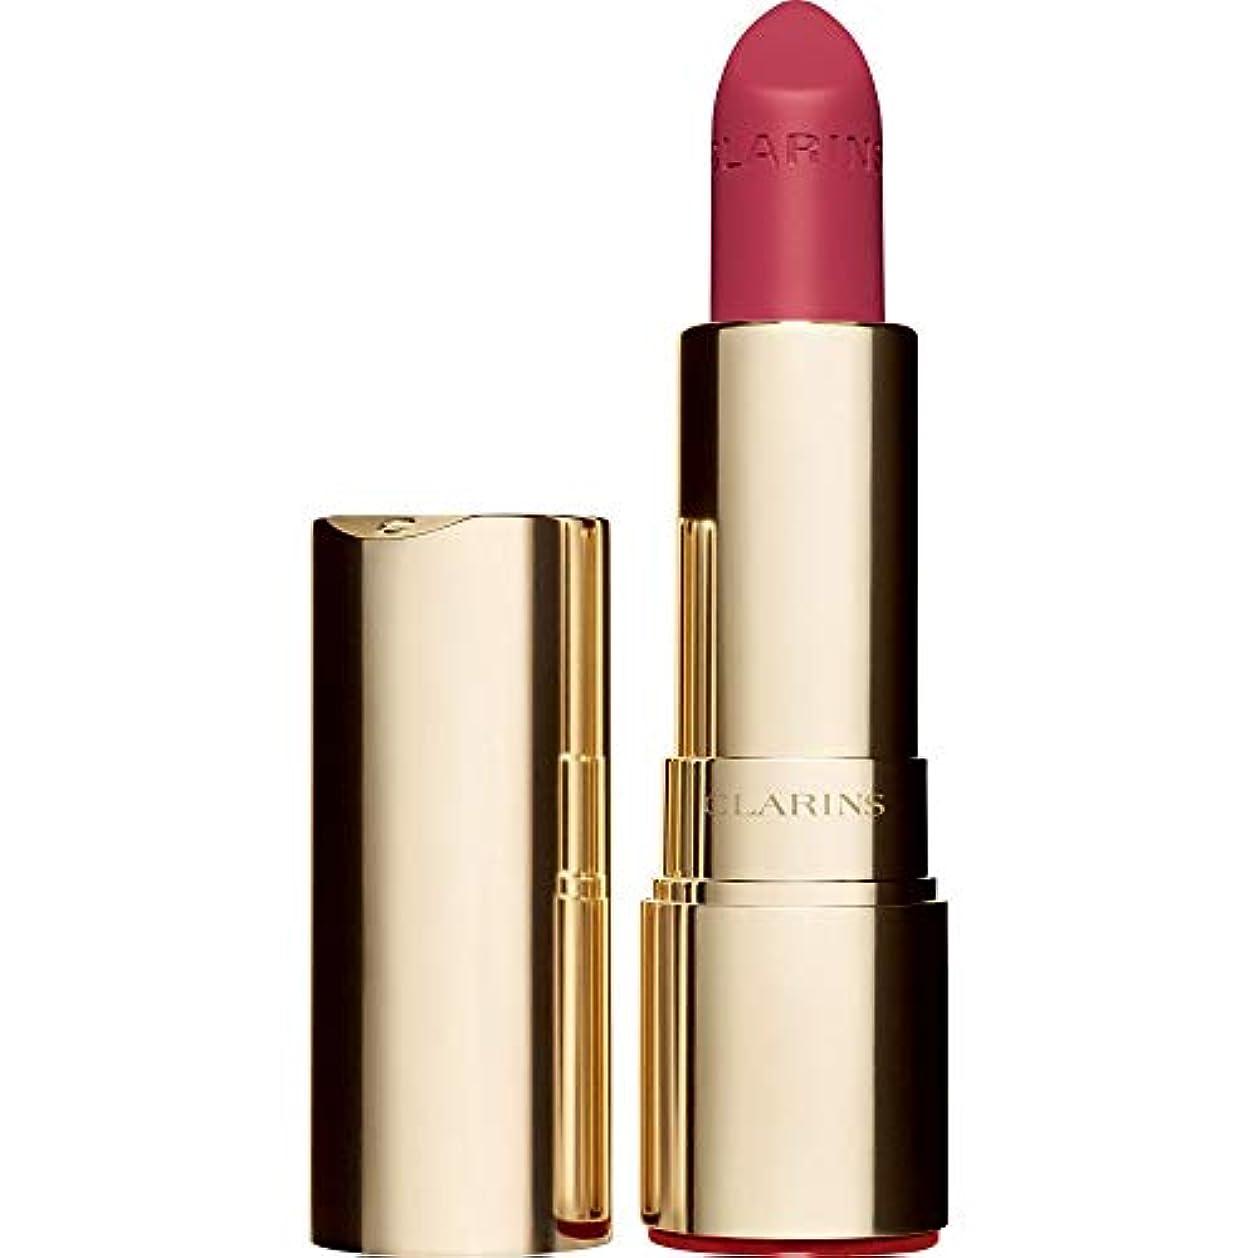 記事加速するメンタル[Clarins ] クラランスジョリルージュのベルベットの口紅3.5グラムの756V - グアバ - Clarins Joli Rouge Velvet Lipstick 3.5g 756V - Guava [並行輸入品]